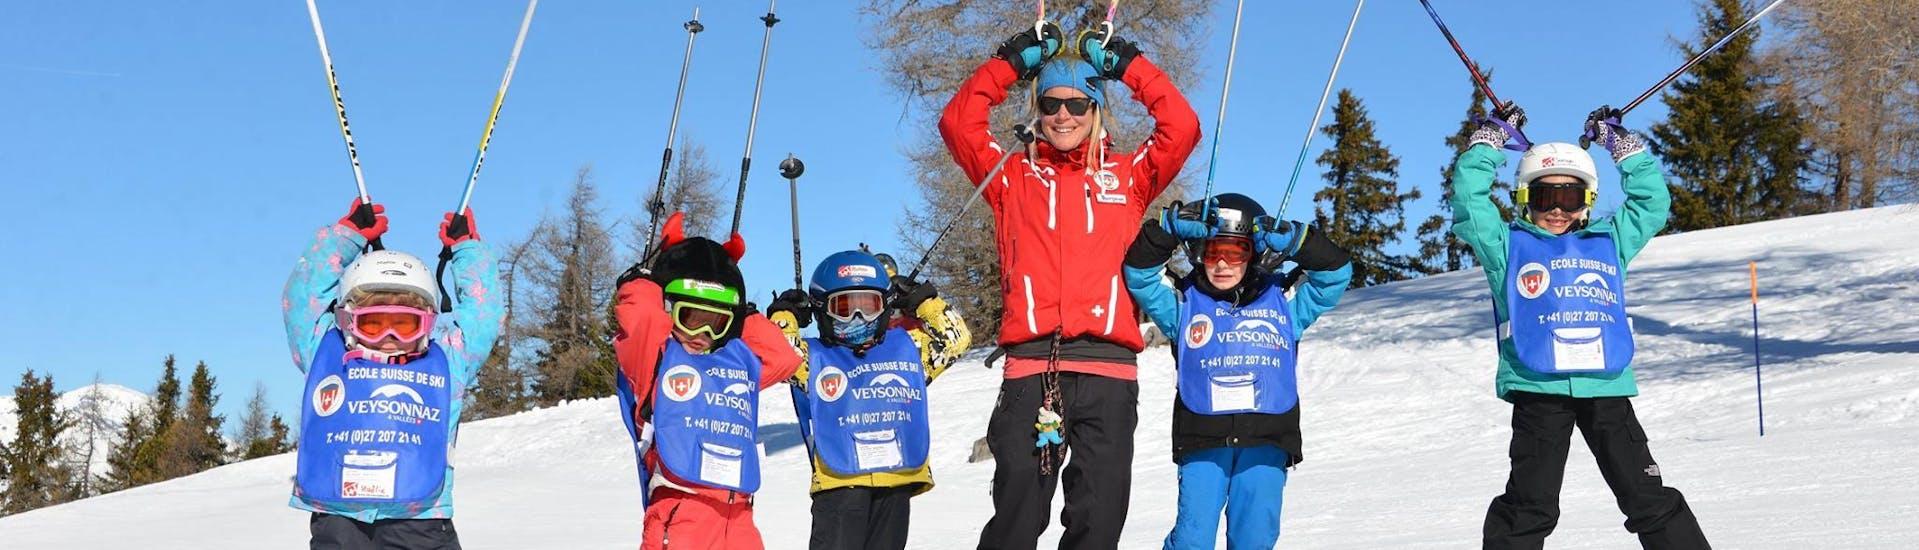 Cours de ski Enfants (6-17 ans) - Expérimentés - Matin avec École Suisse de Ski de Veysonnaz - Hero image